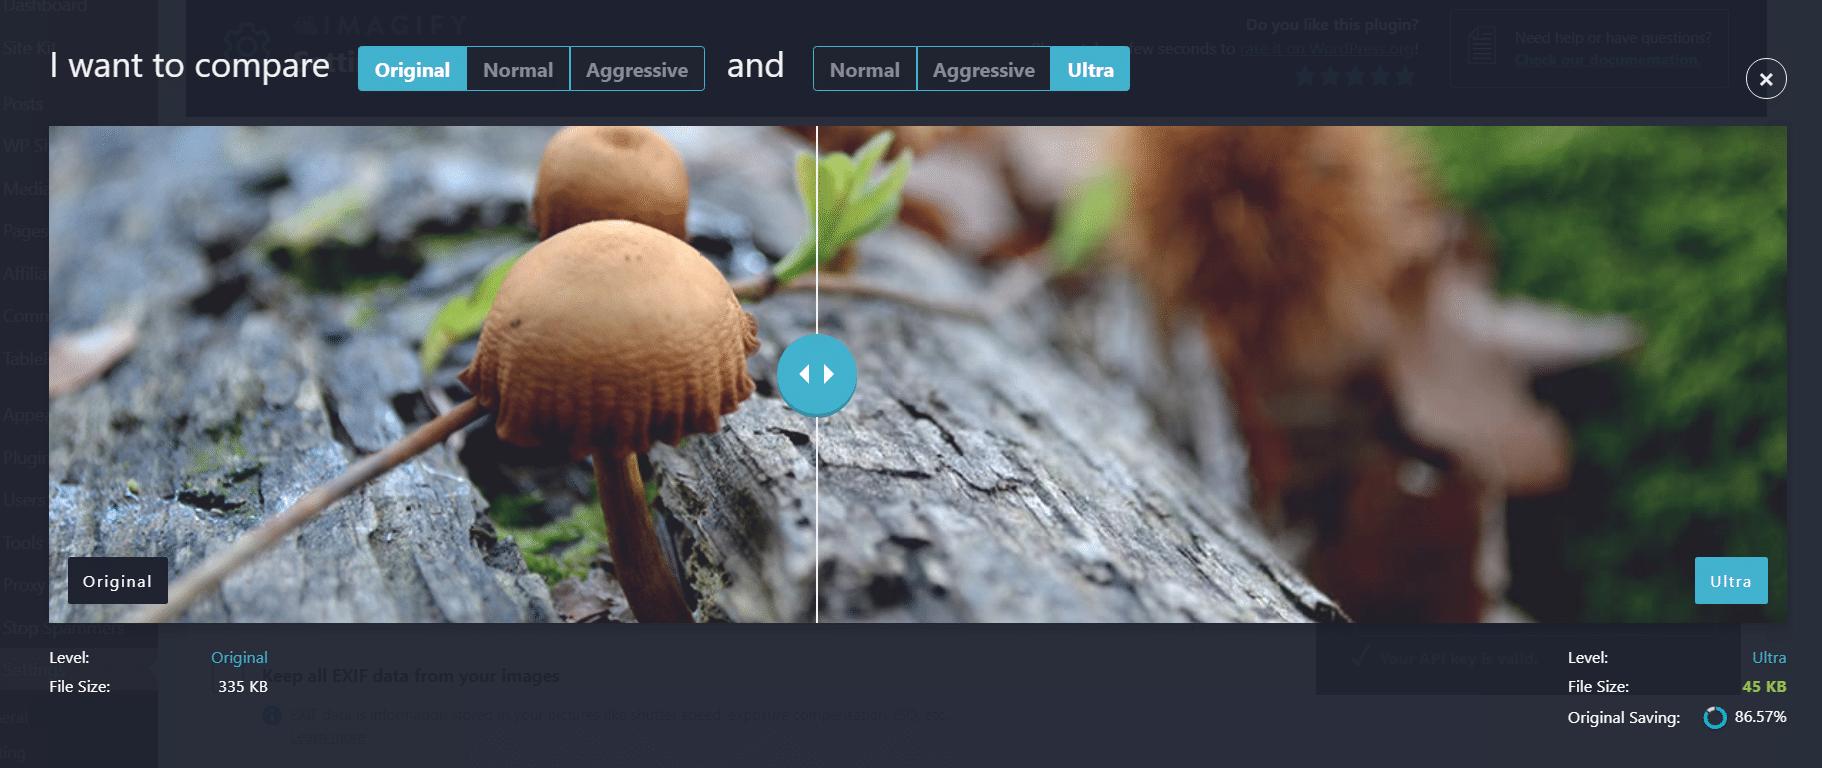 website image optimization - image optimizer